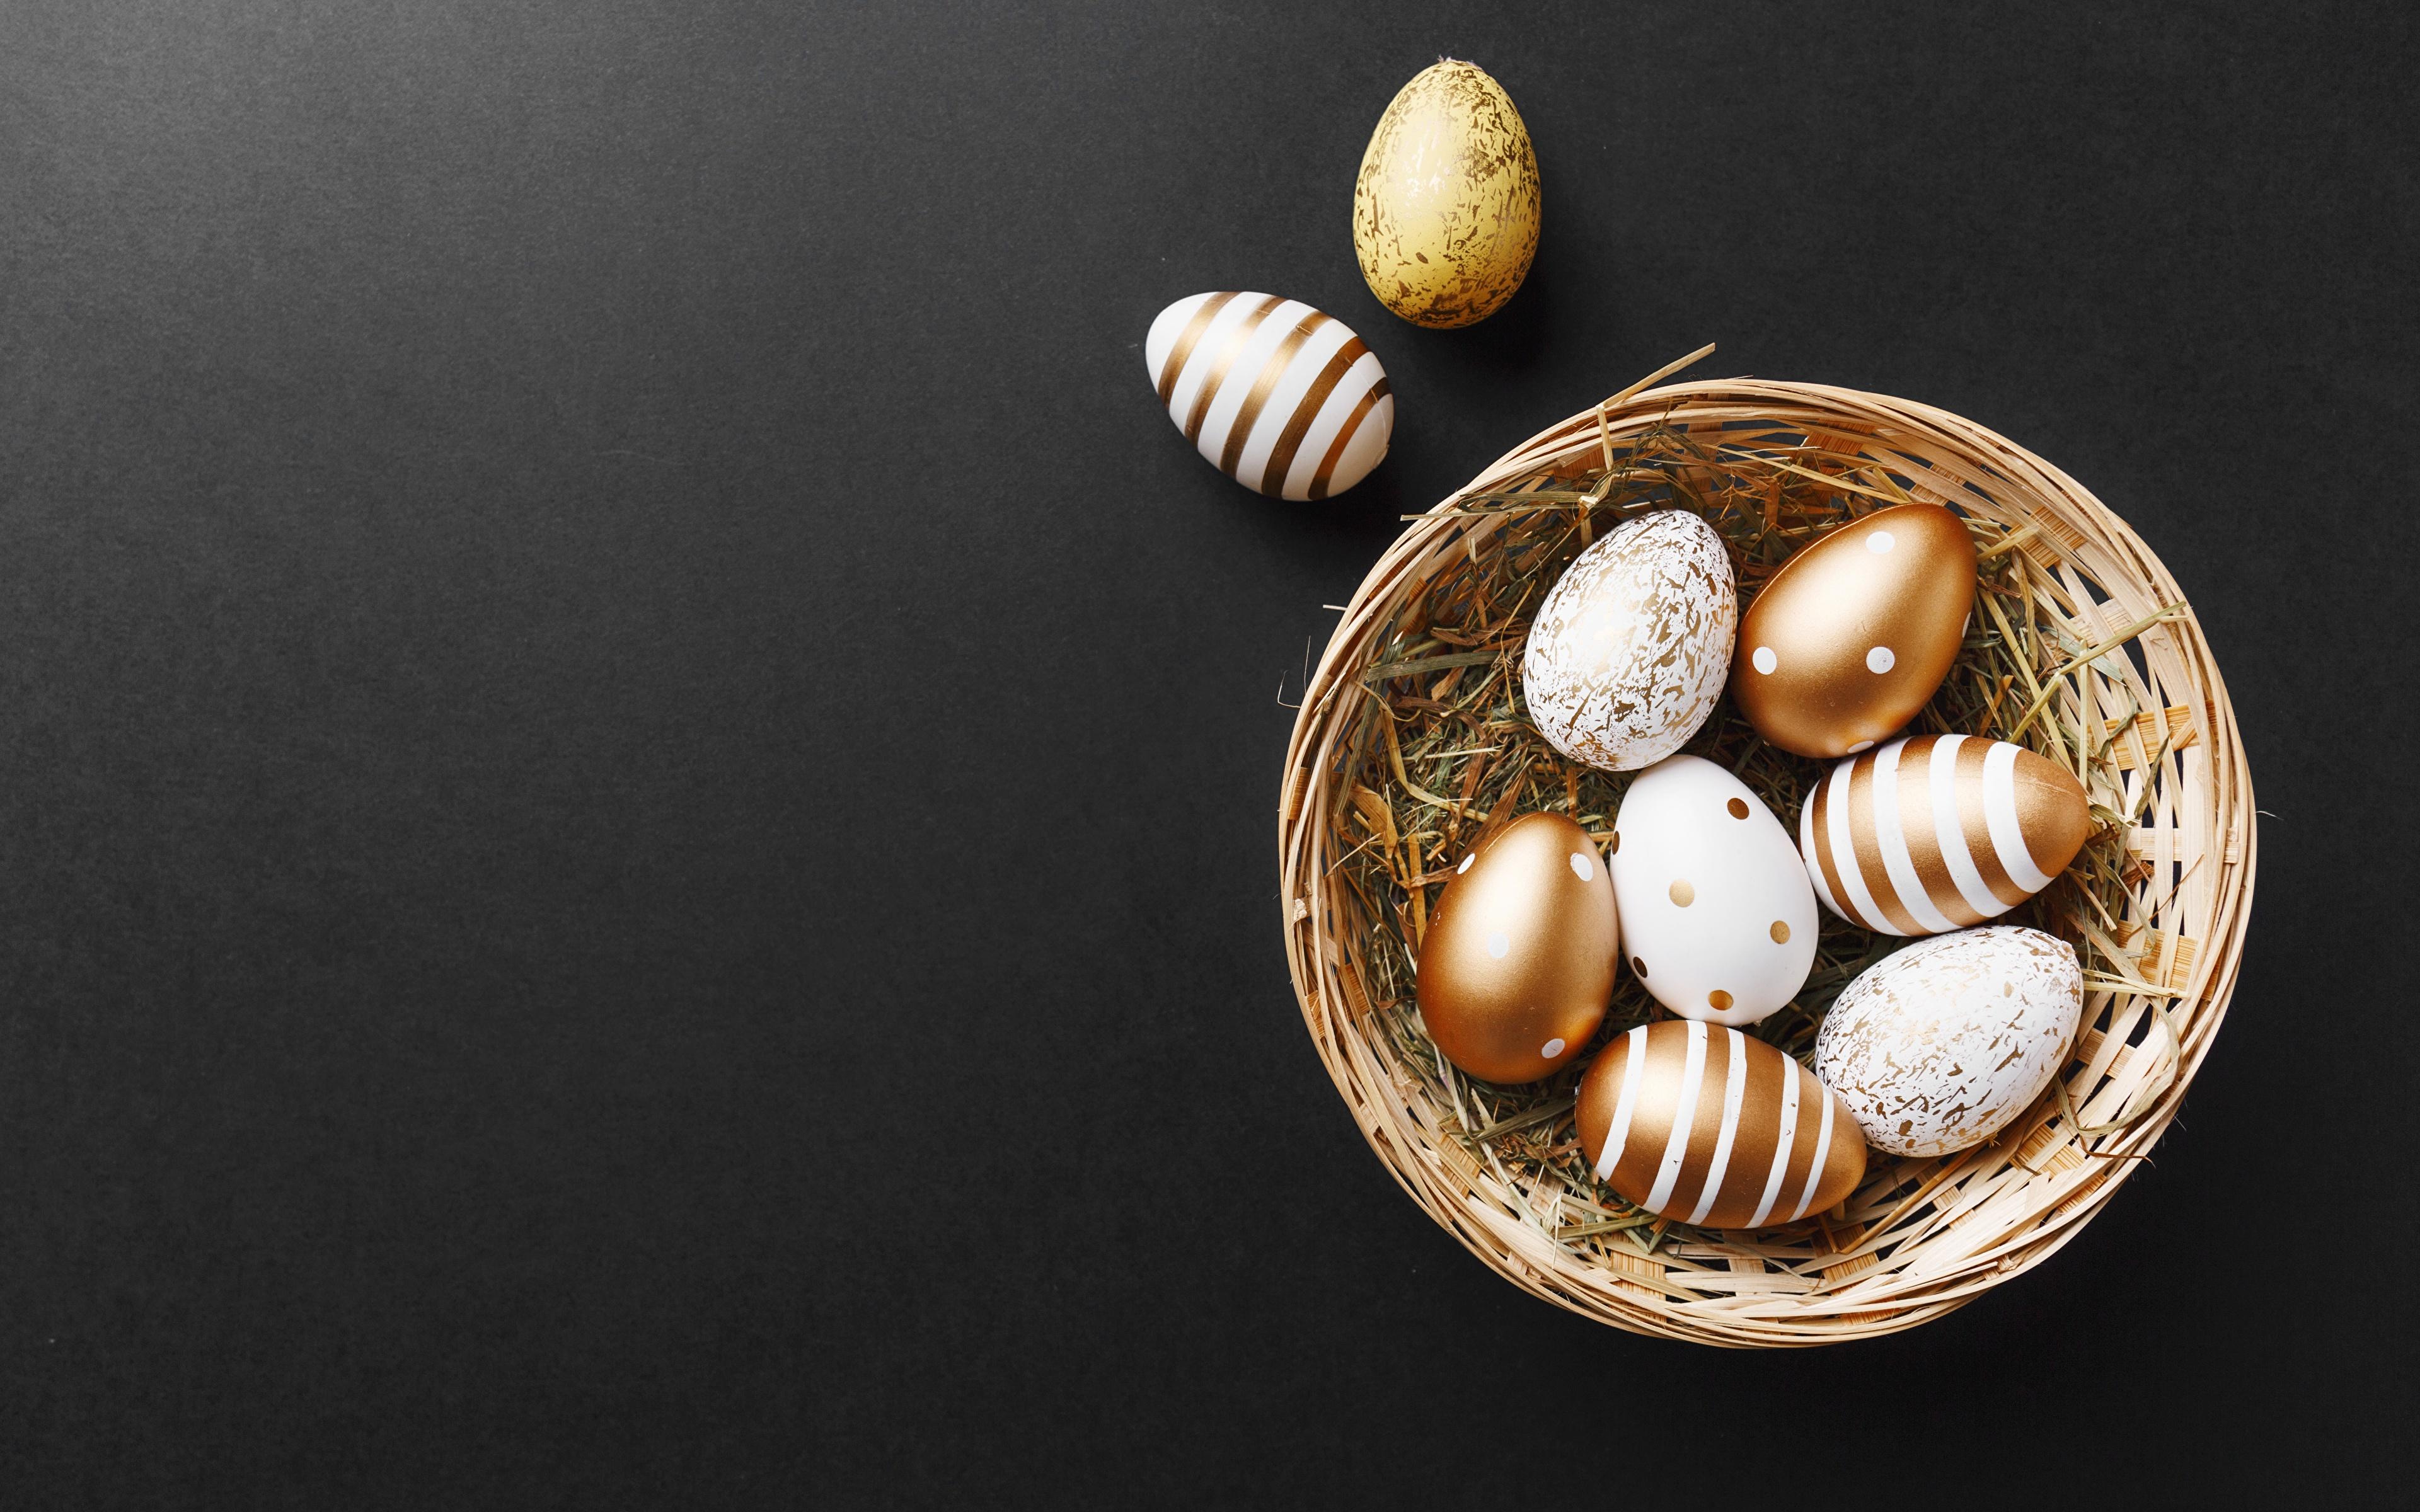 Bilder von Ostern eier Weidenkorb 3840x2400 Ei